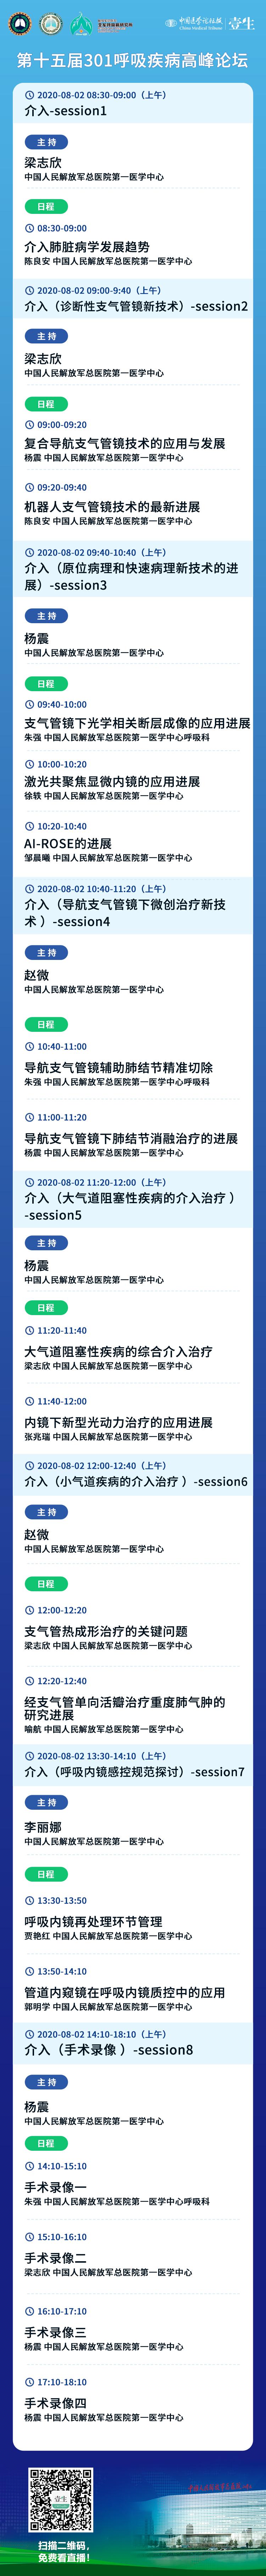 六会海报_副本.png